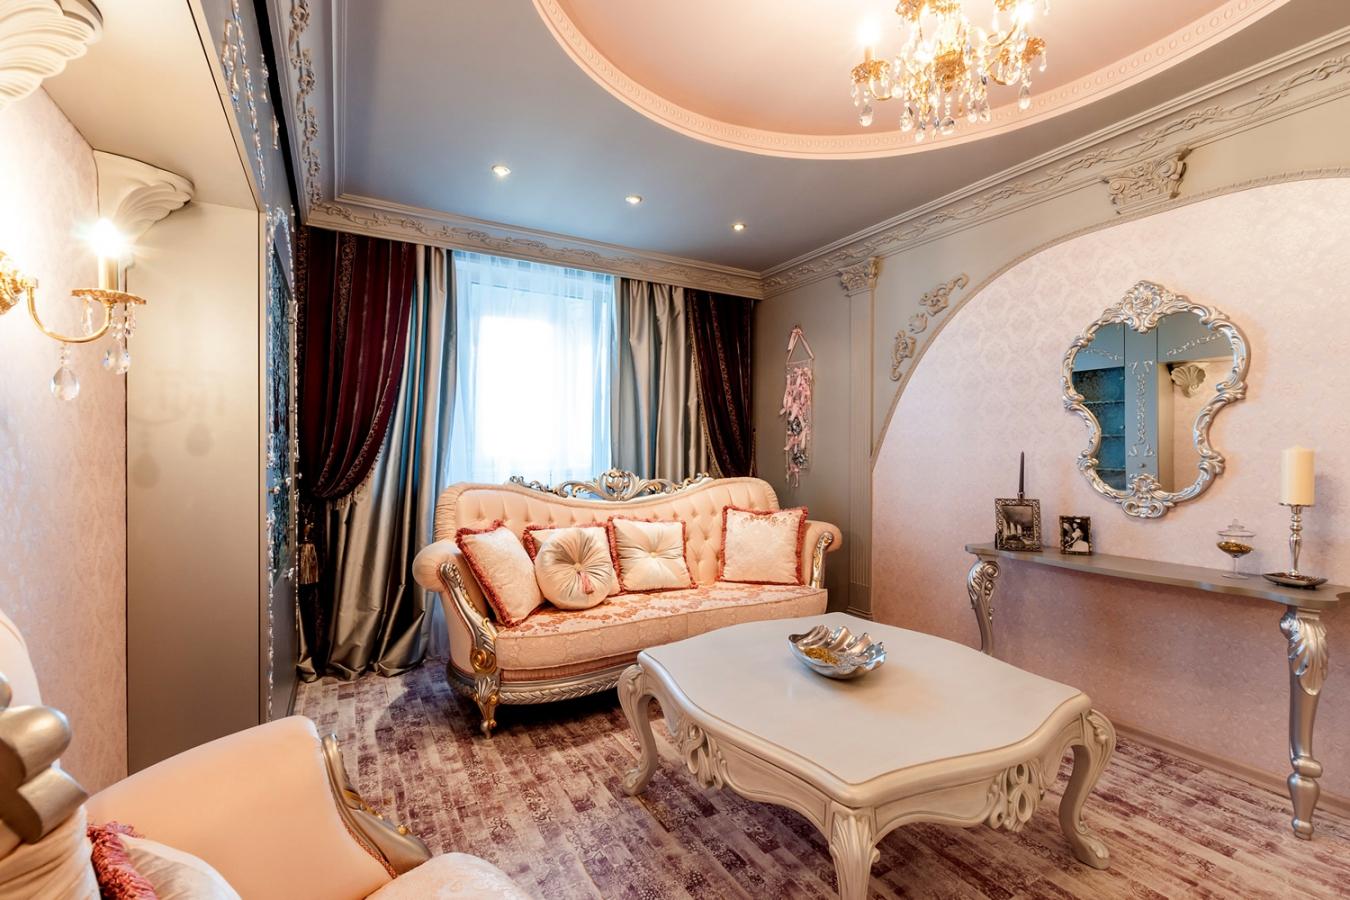 Квартира в стиле барокко: современный ремонт и интерьер разных комнат с фото